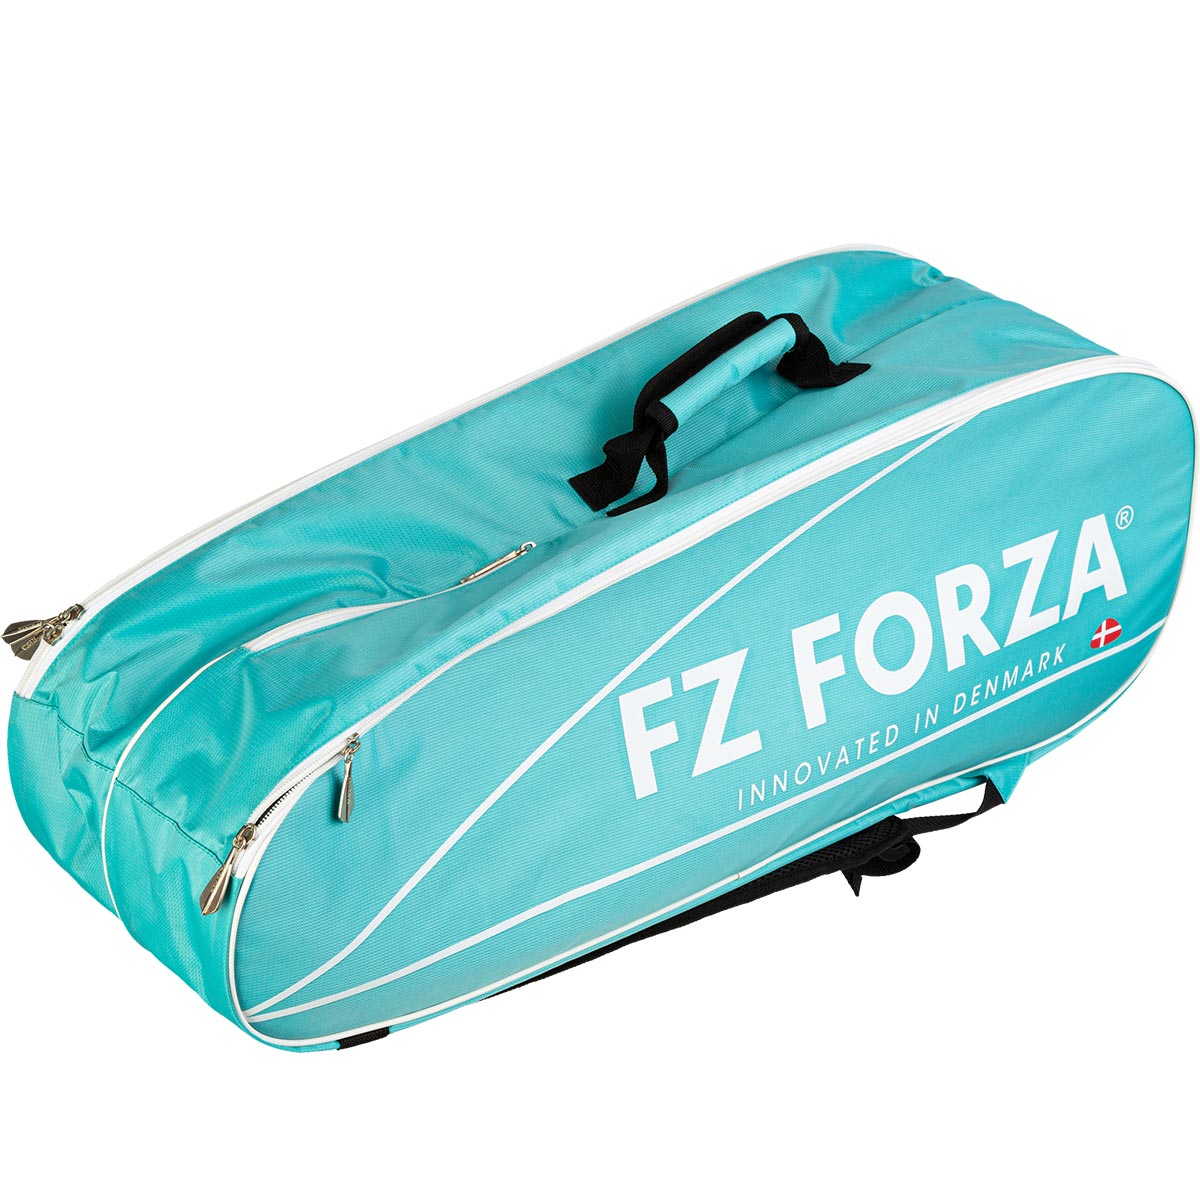 FZ MARTAK BAG - 6pcs